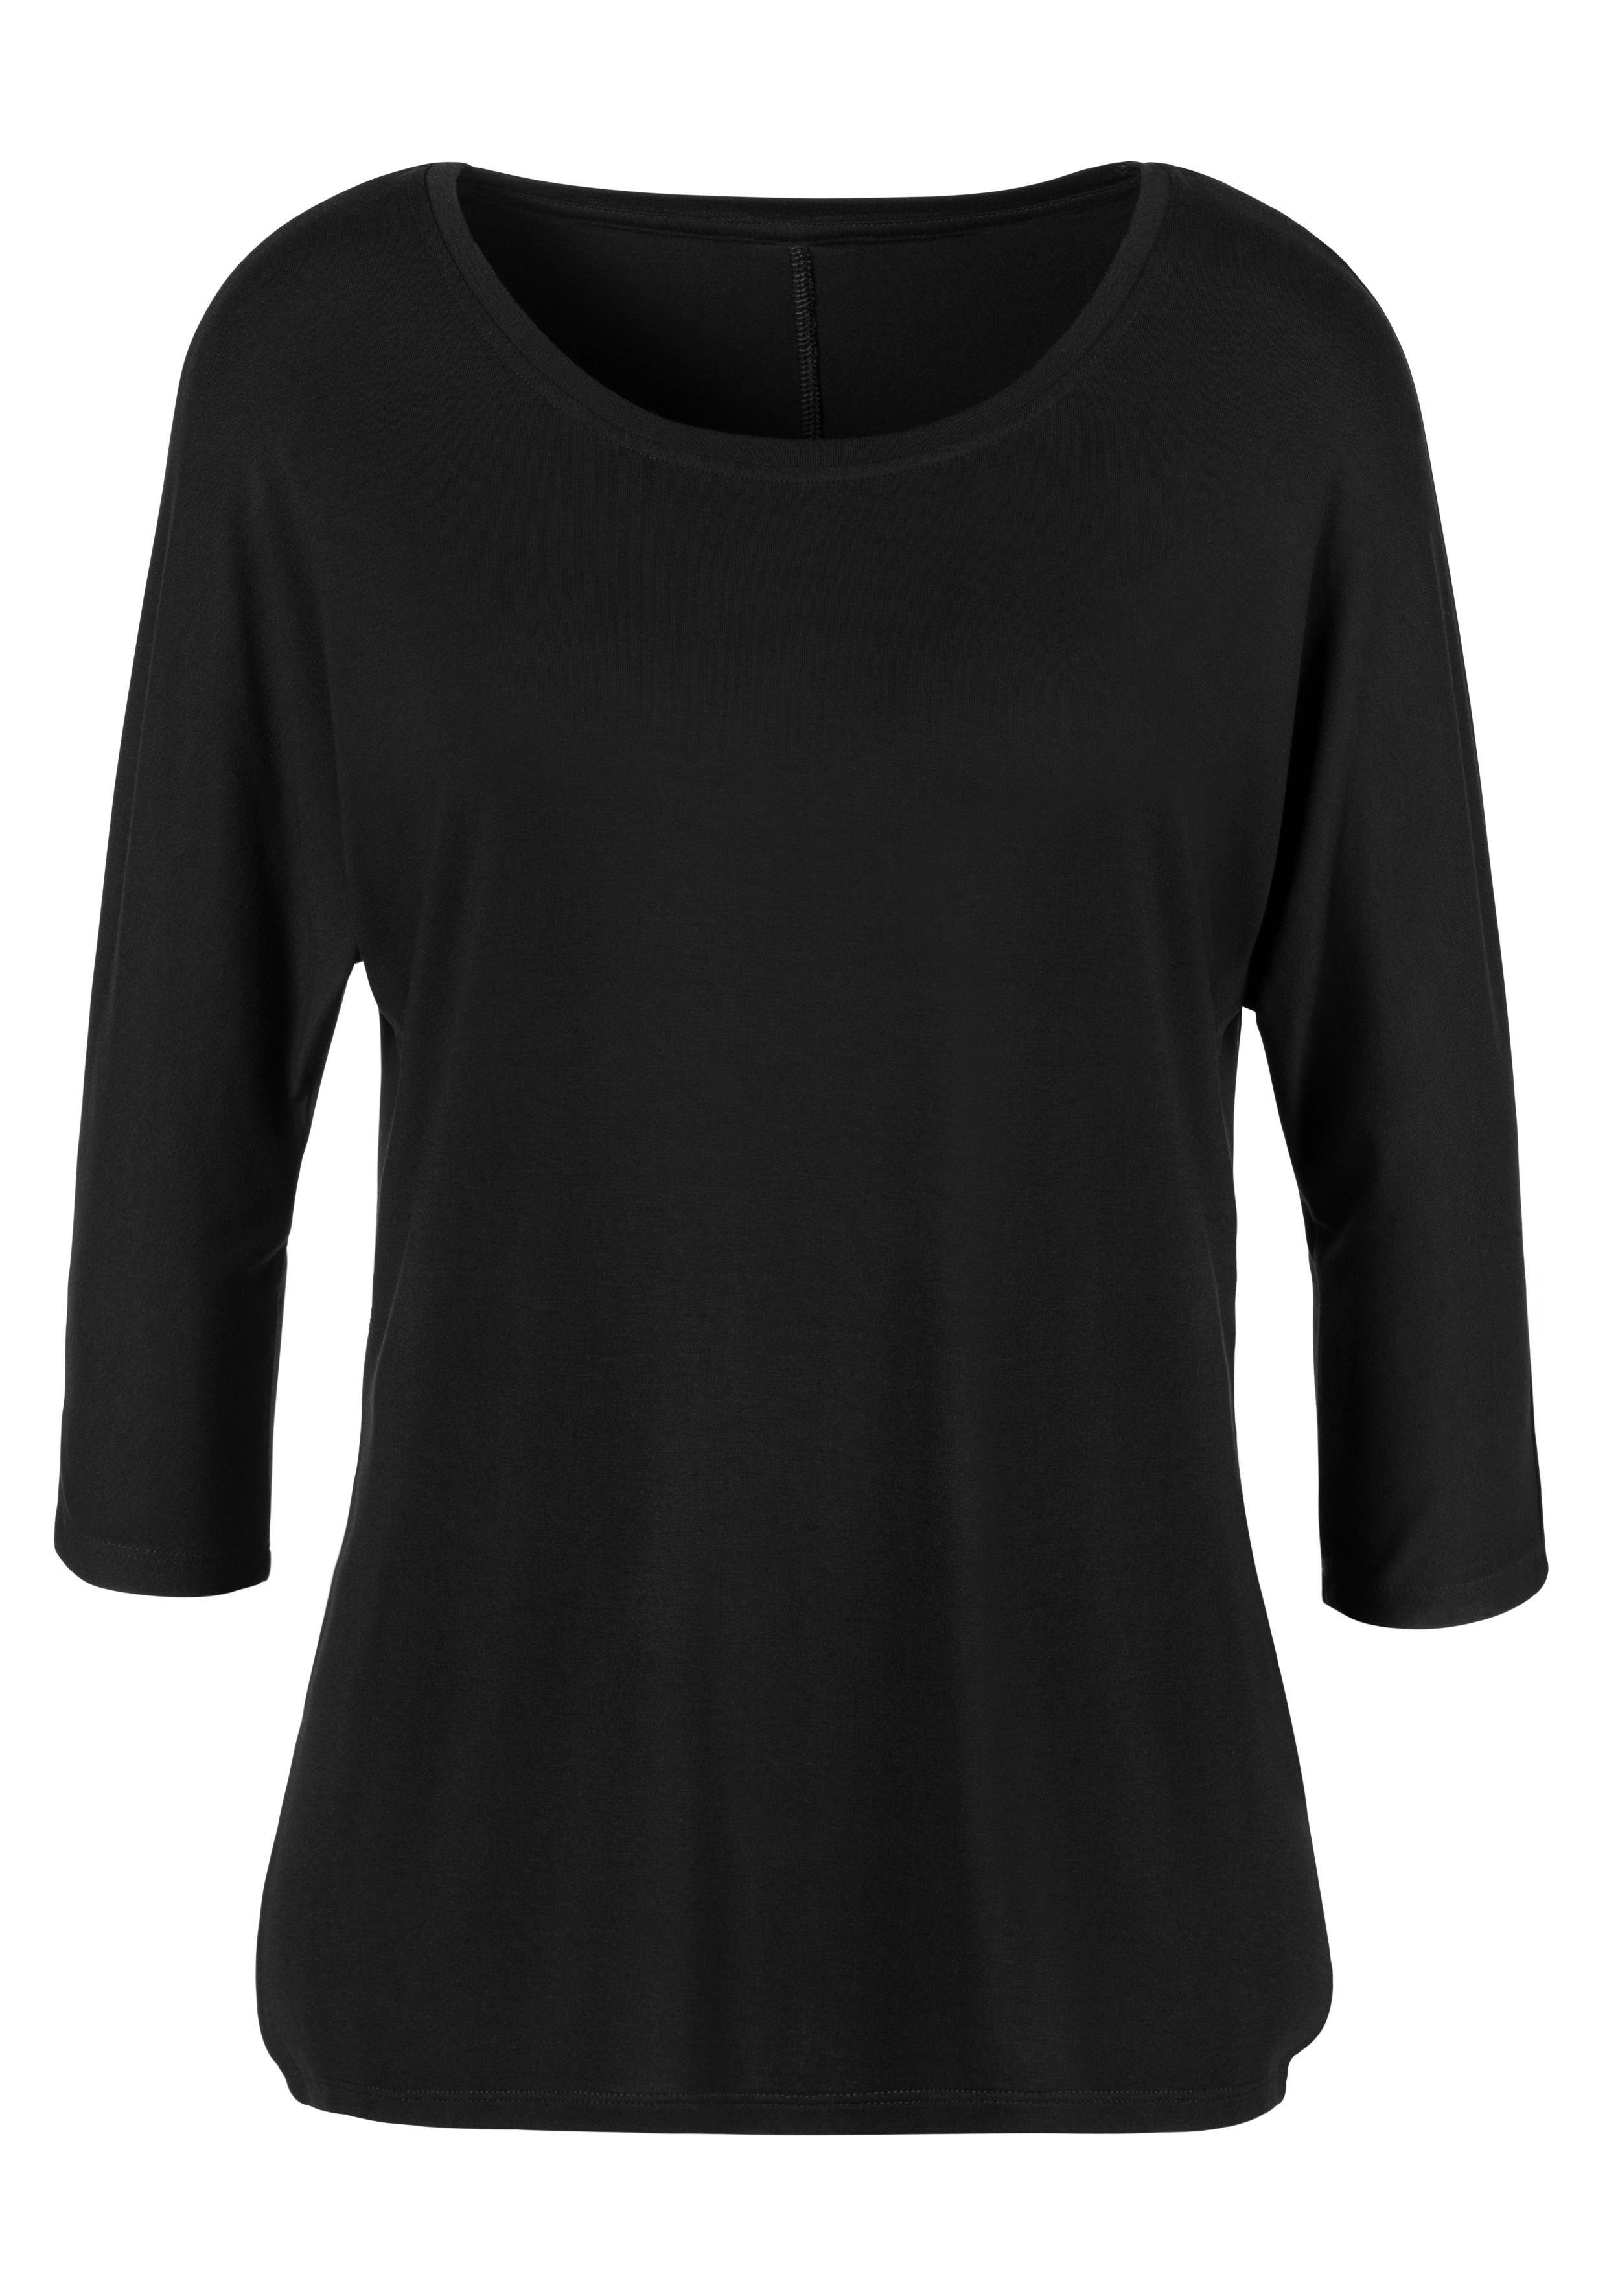 LASCANA shirt met 3/4-mouwen goedkoop op lascana.nl kopen